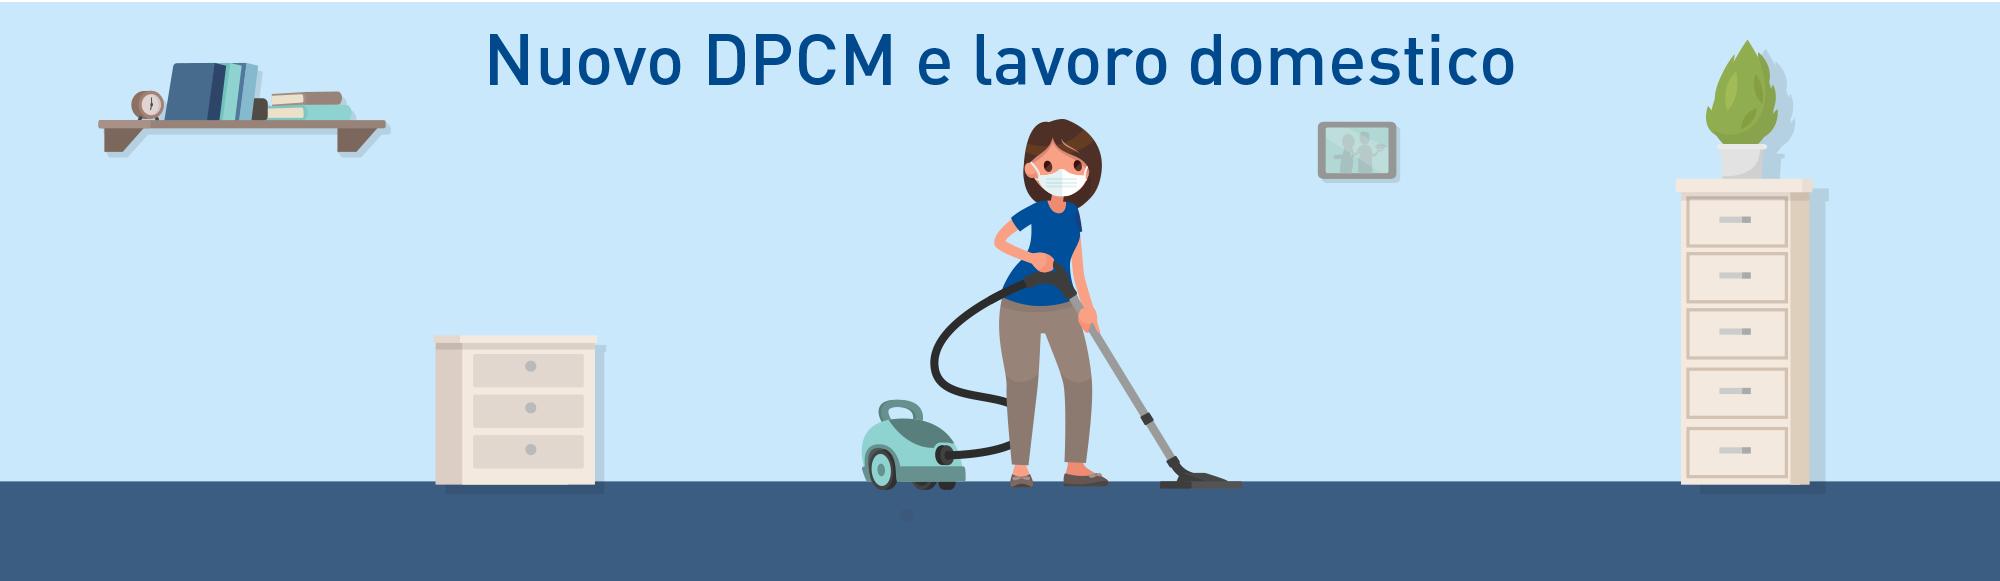 Prosegue il lavoro domestico